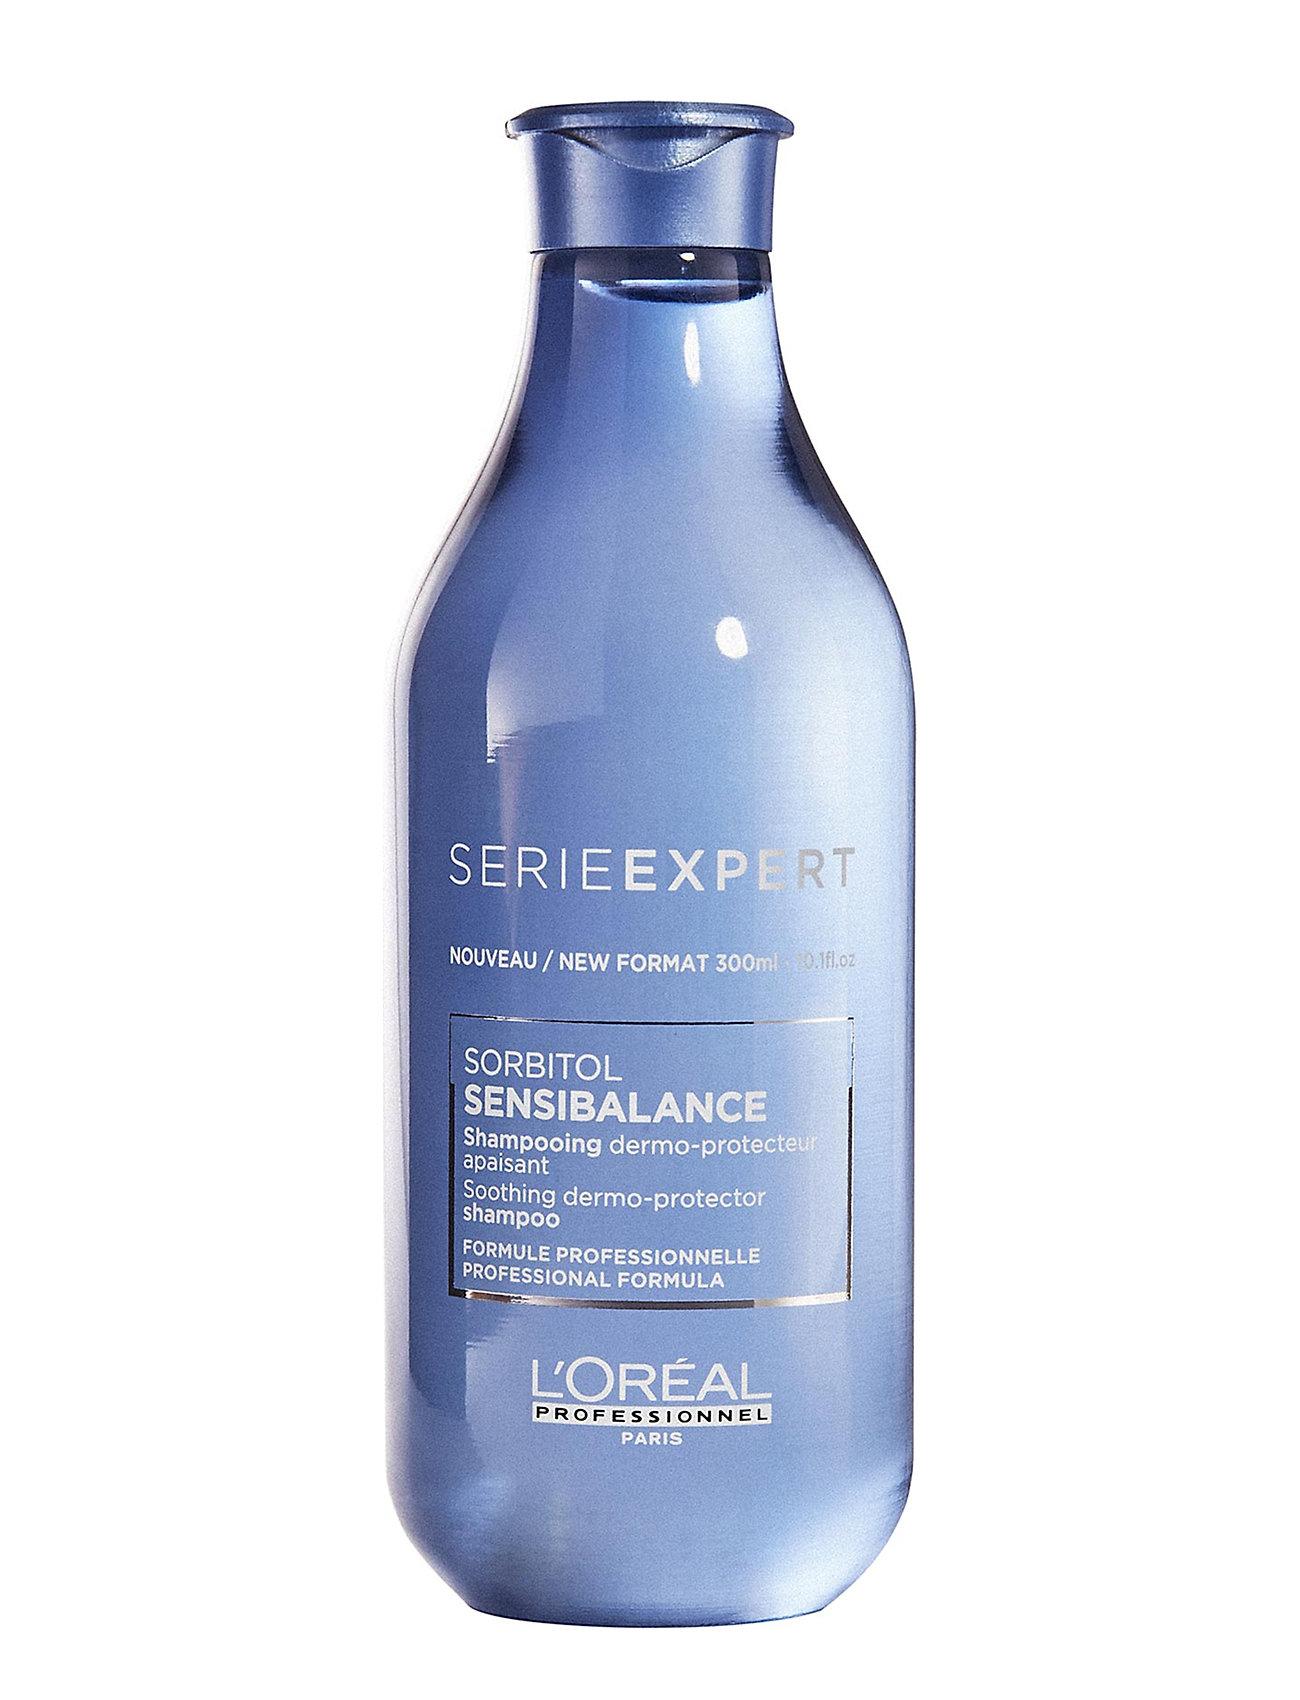 L'Oréal Professionnel L'Oréal Professionnel Scalp Sensi Balance Shampoo - CLEAR